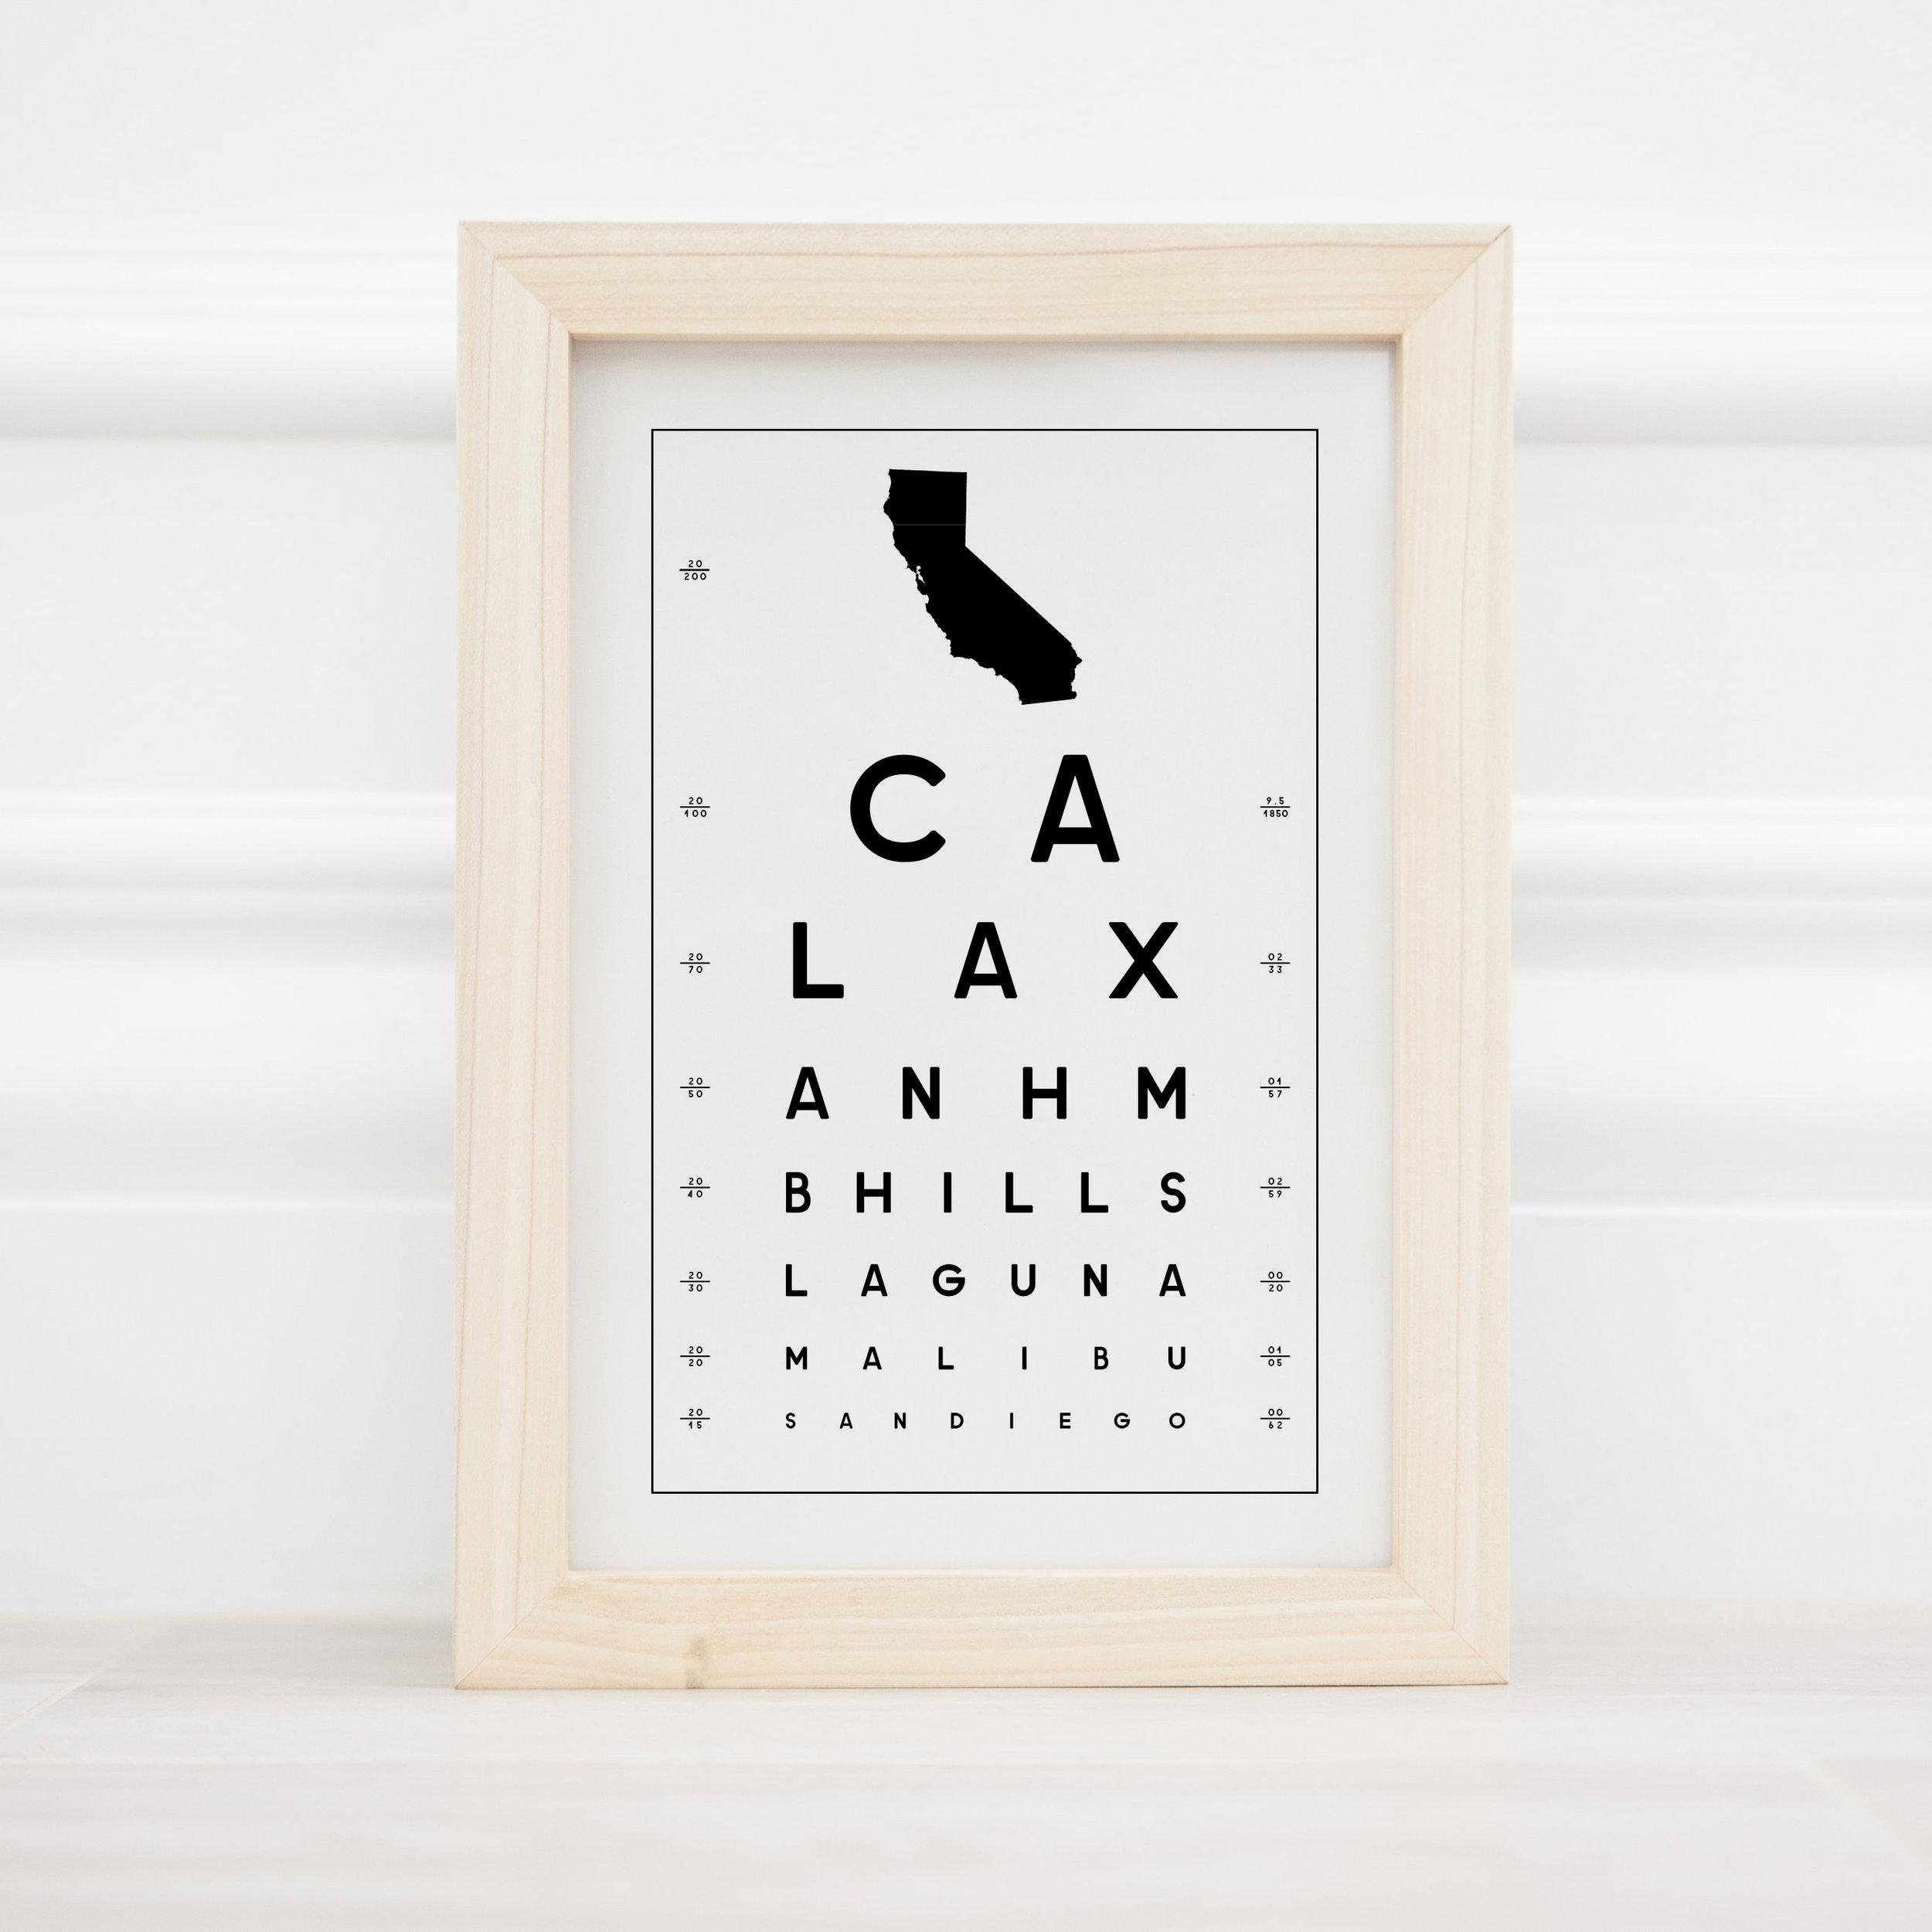 S.CA Framed1-1.jpg